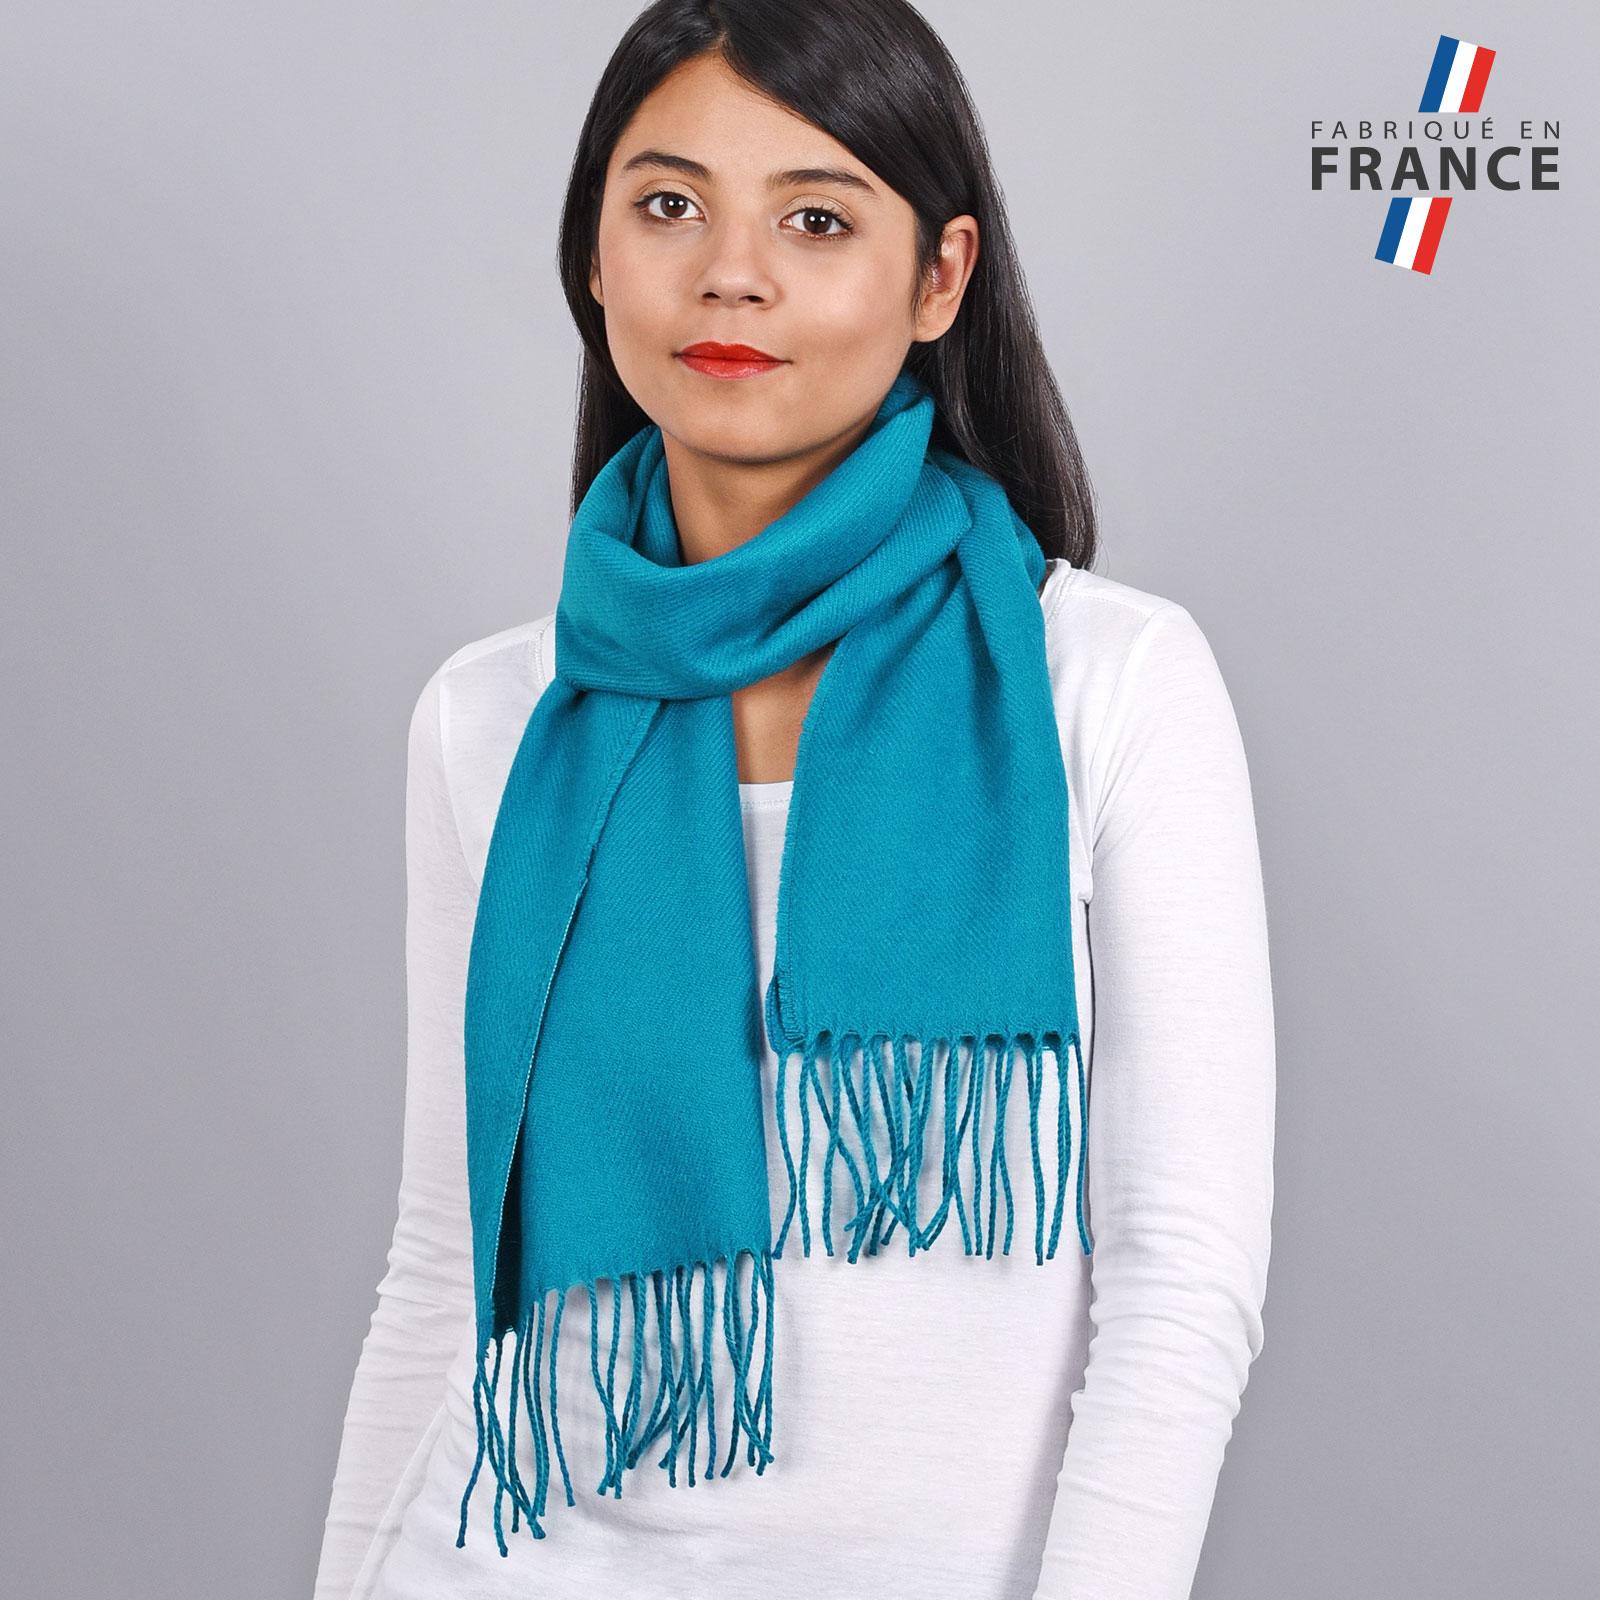 AT-03235-VF16-LB_FR-echarpe-franges-bleu-femme-fabrication-francaise